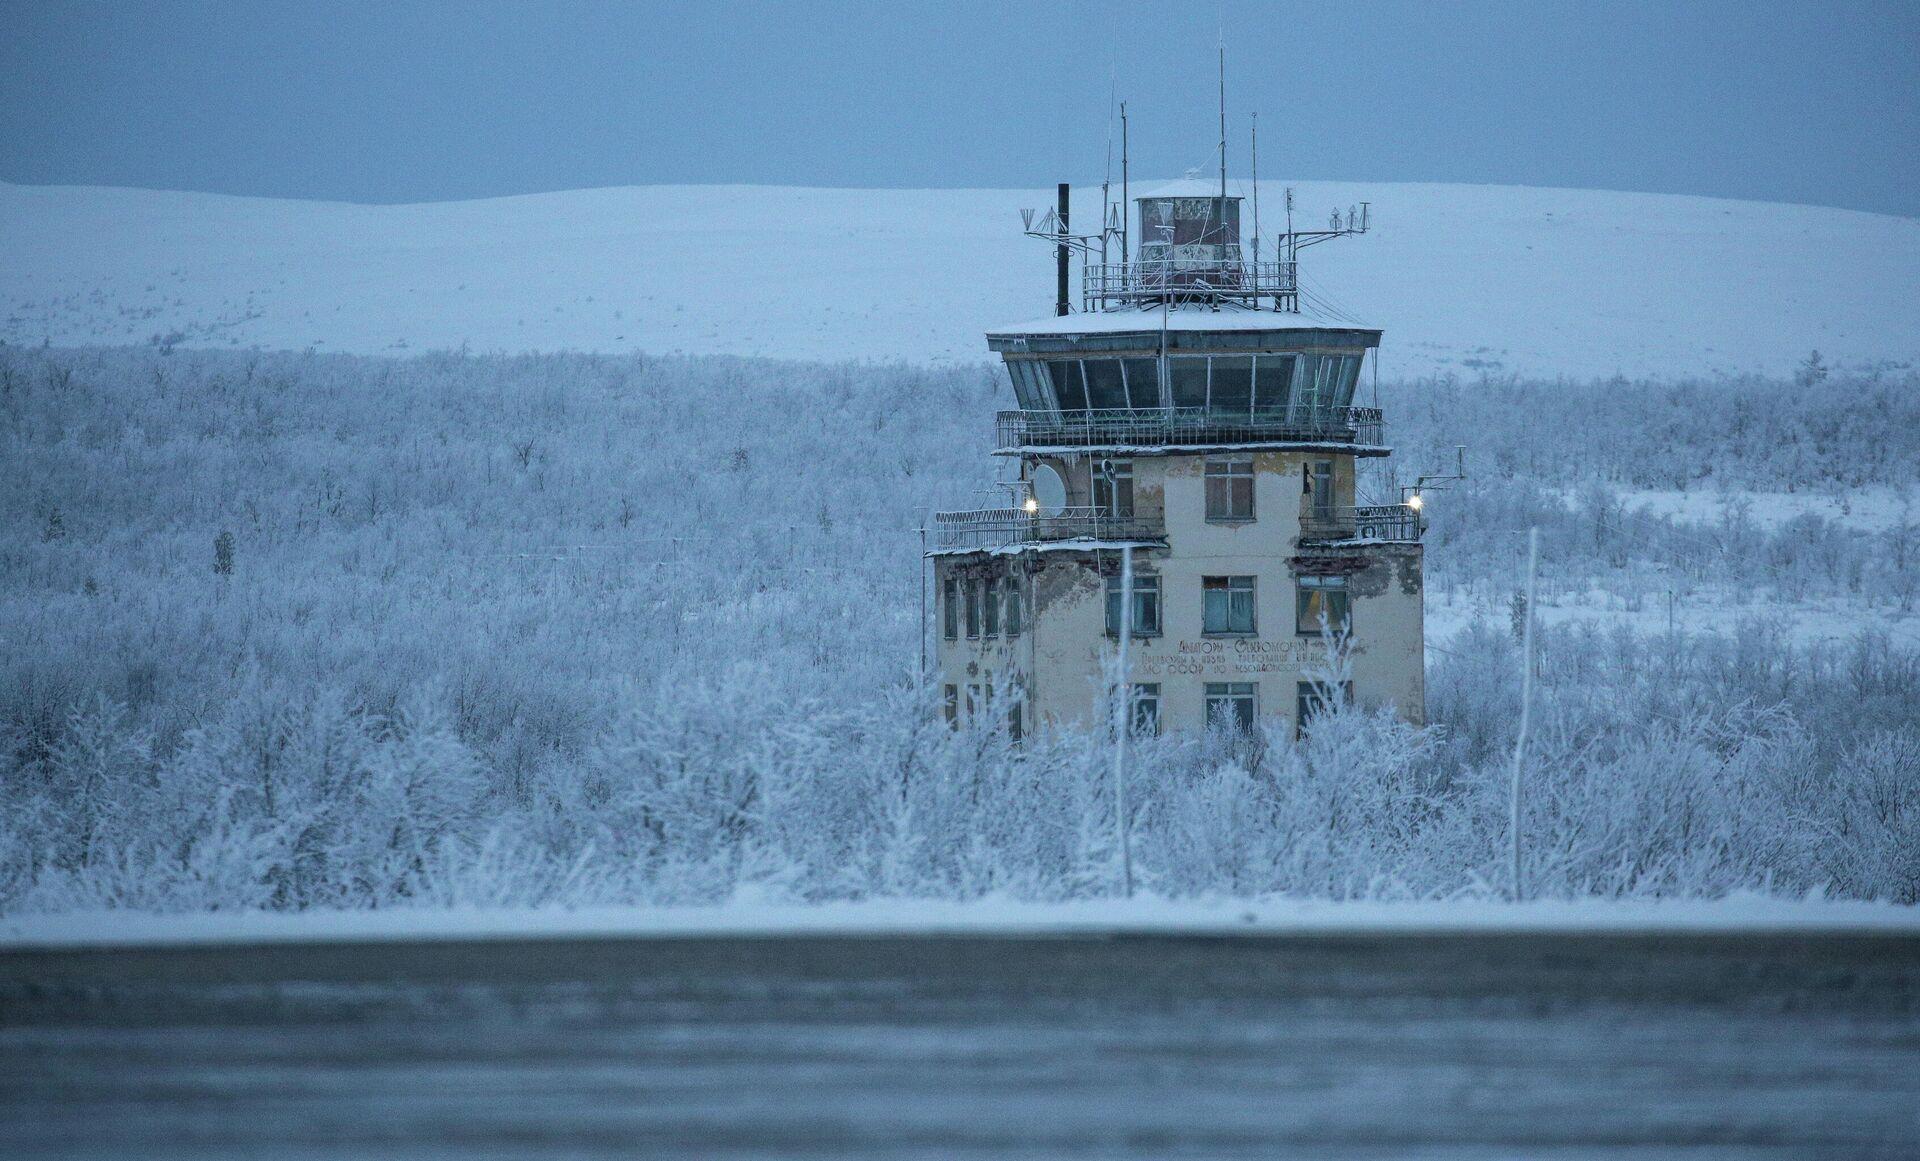 Аэродром Североморск-3 в Мурманской области - РИА Новости, 1920, 07.04.2021